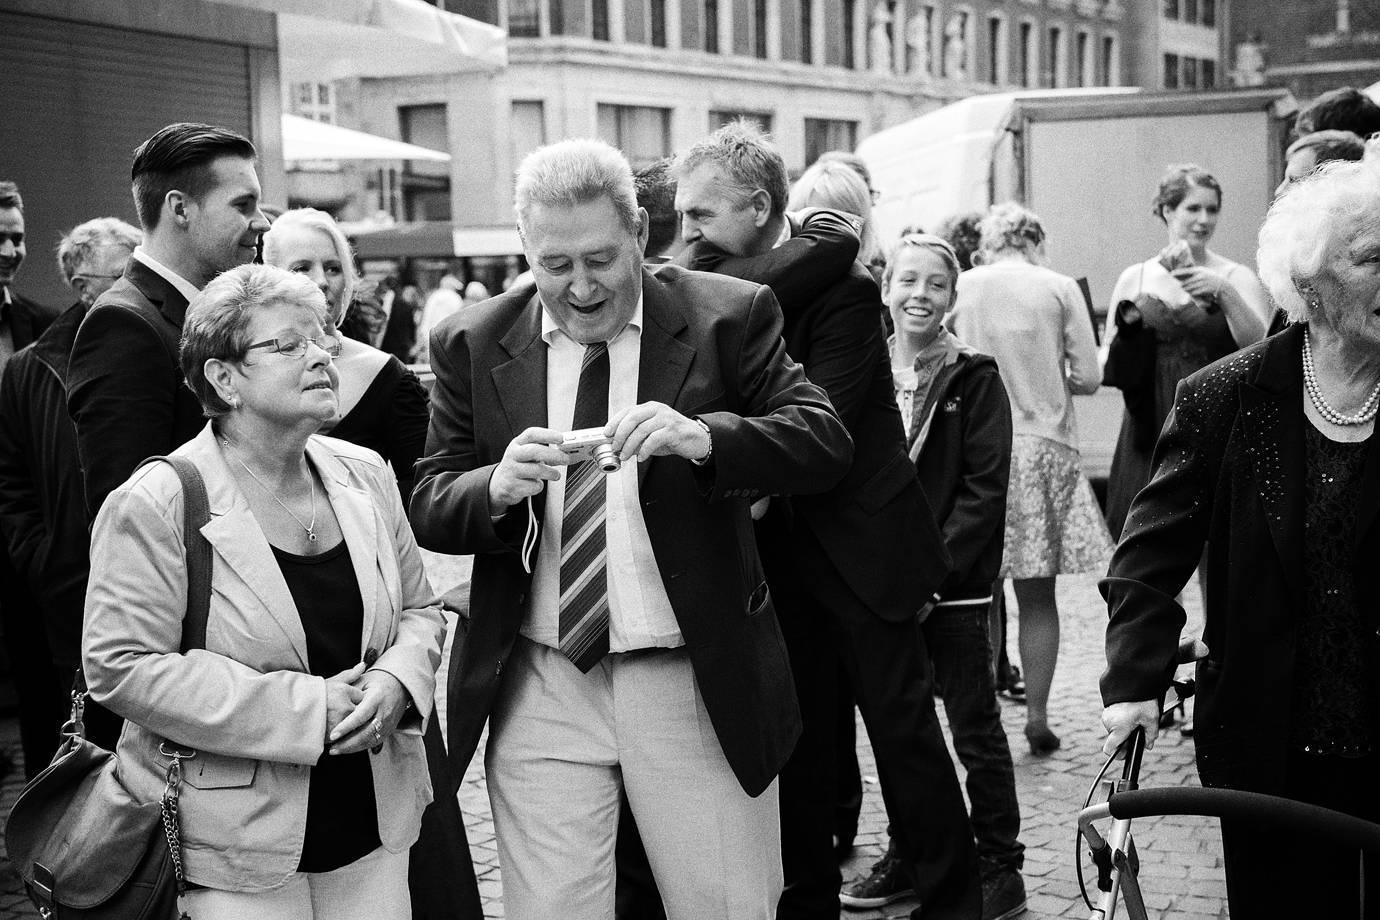 hochzeitsfotograf bremen 066 - Mareike+Lasse